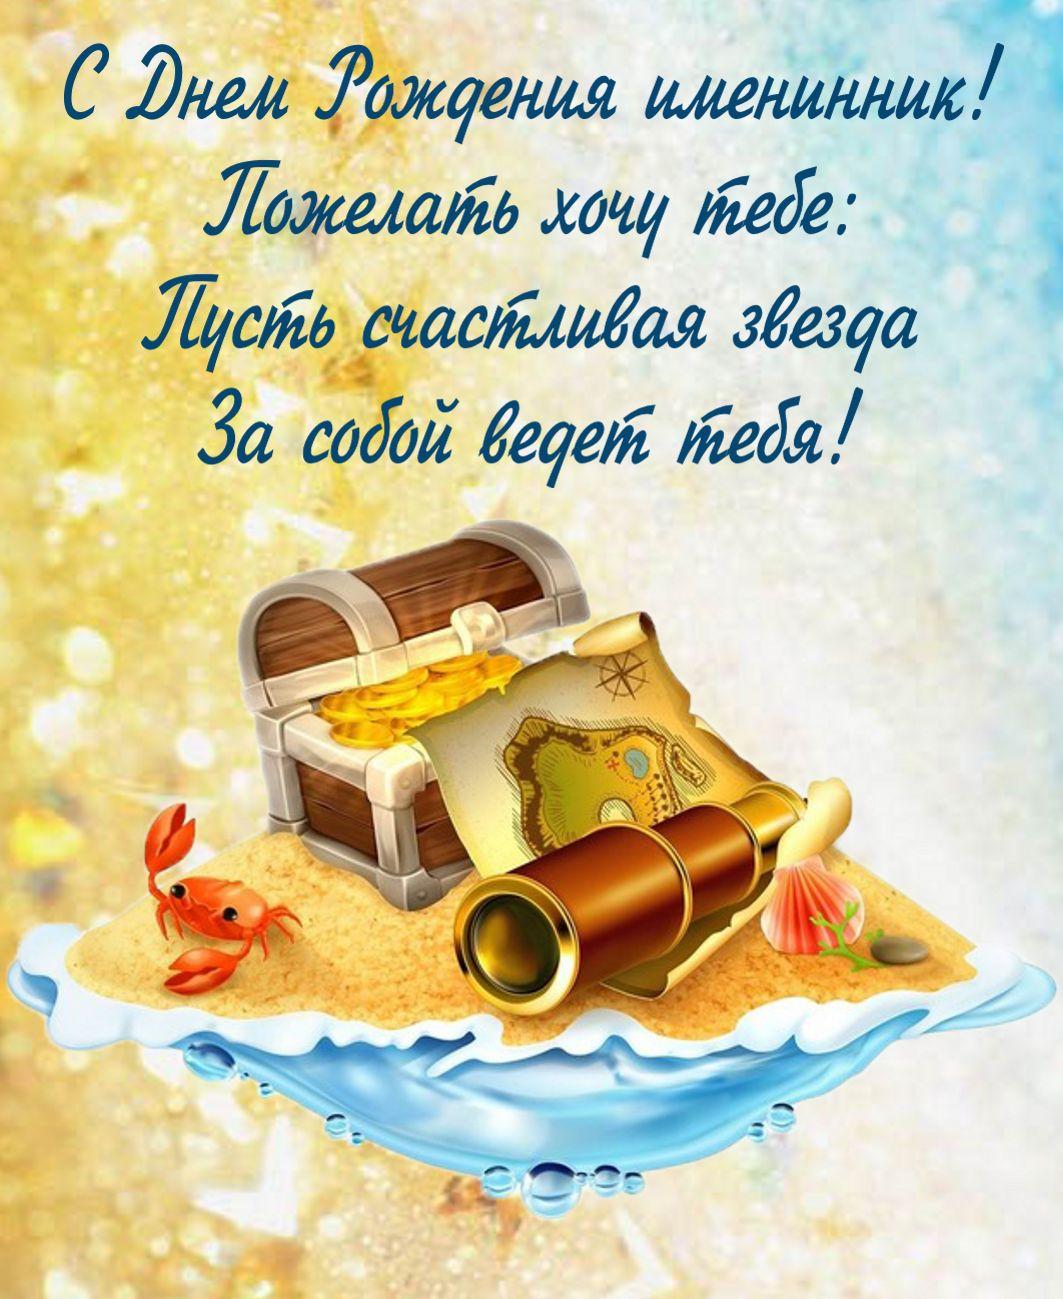 открытка с Днем рождения - предметы морской тематики на песке